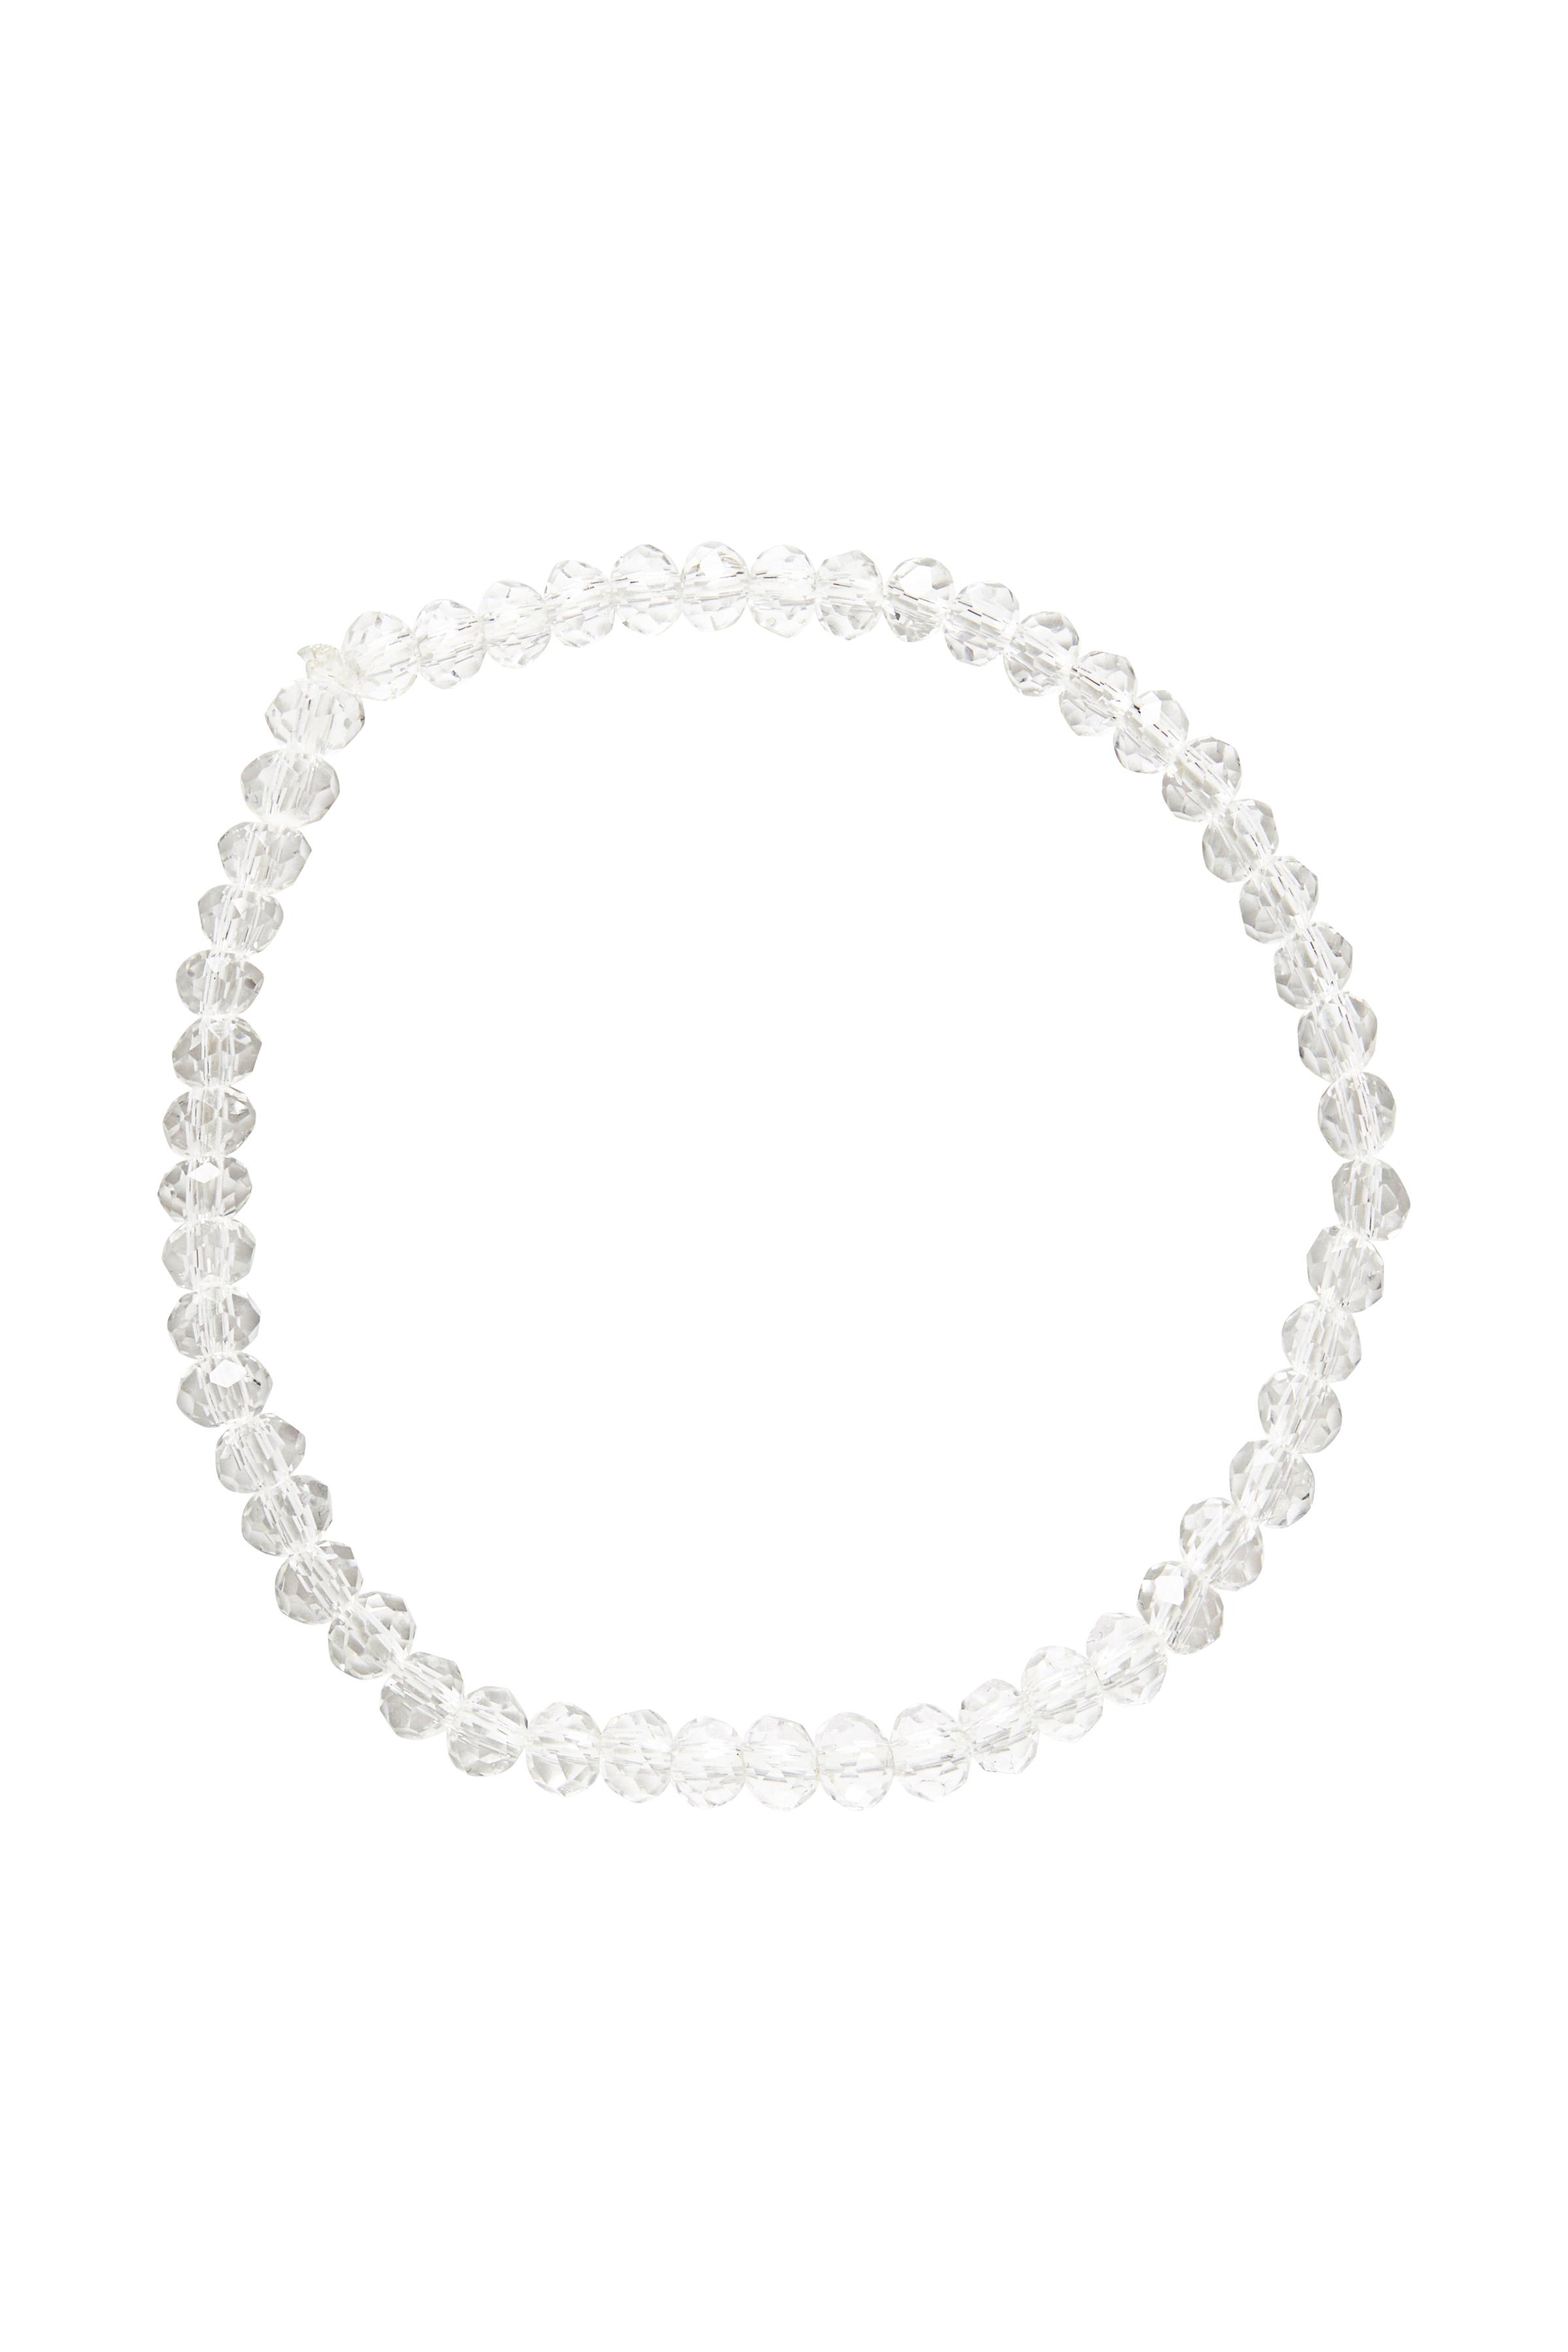 Image of Fransa Dame Armbånd med elastik og perler. Fra Fransa. Brug det sammen med dine enkle armbånd. - Transparent